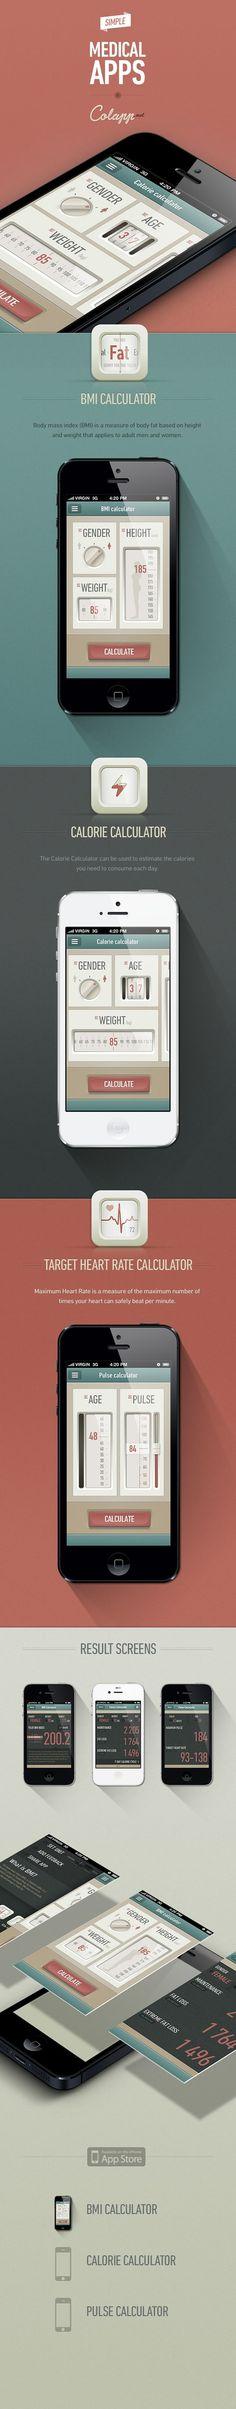 Mobile app design Medical apps by